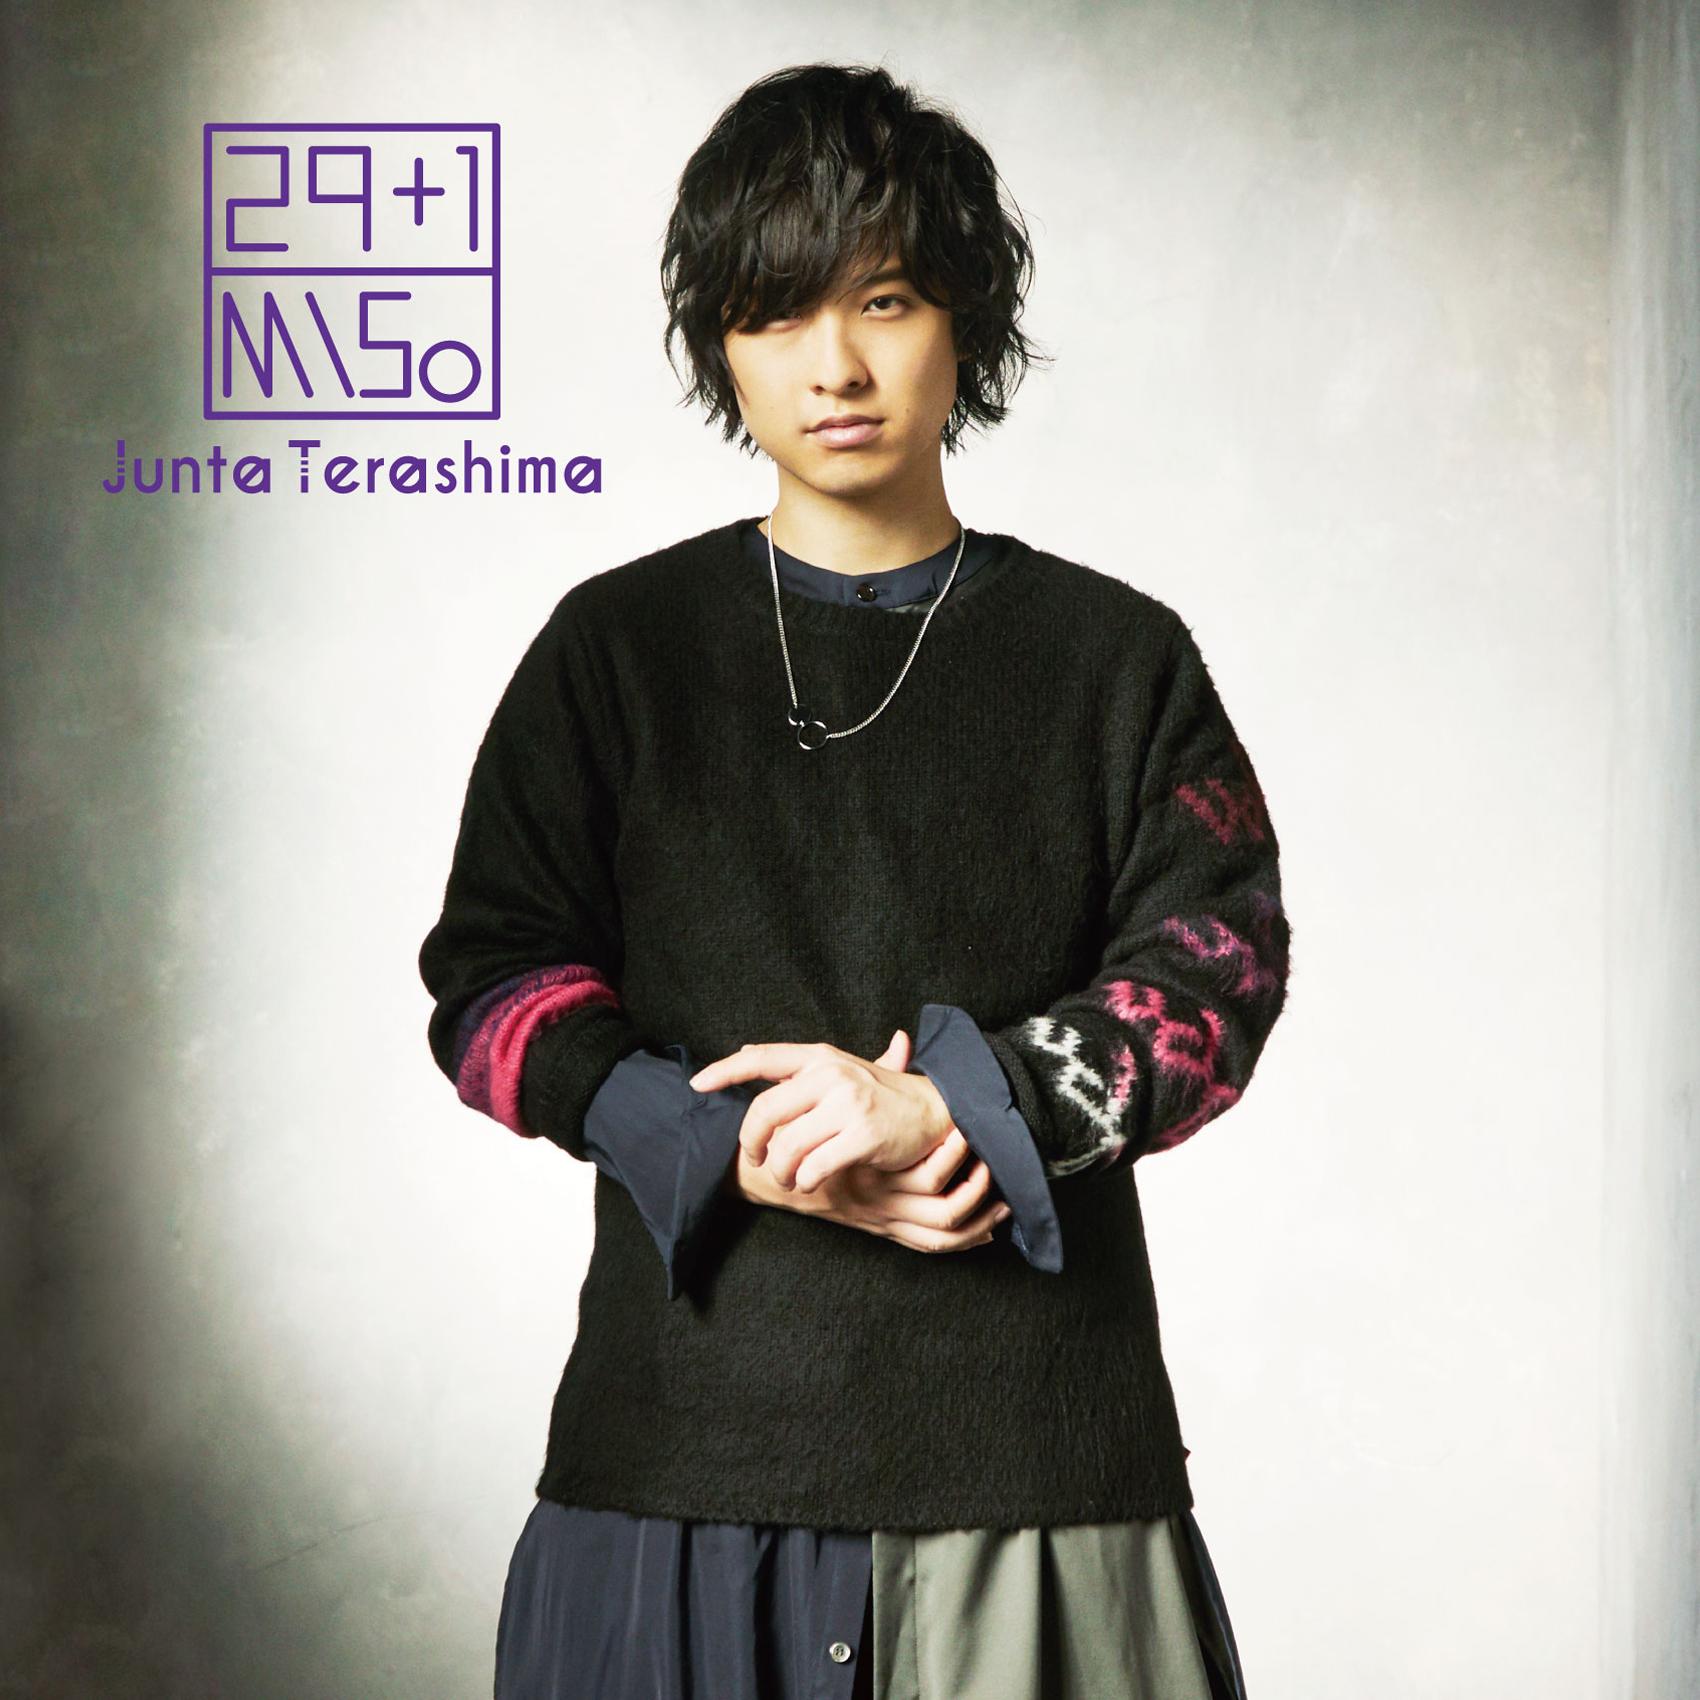 寺島惇太「29+1 -MISo-」【通常盤】